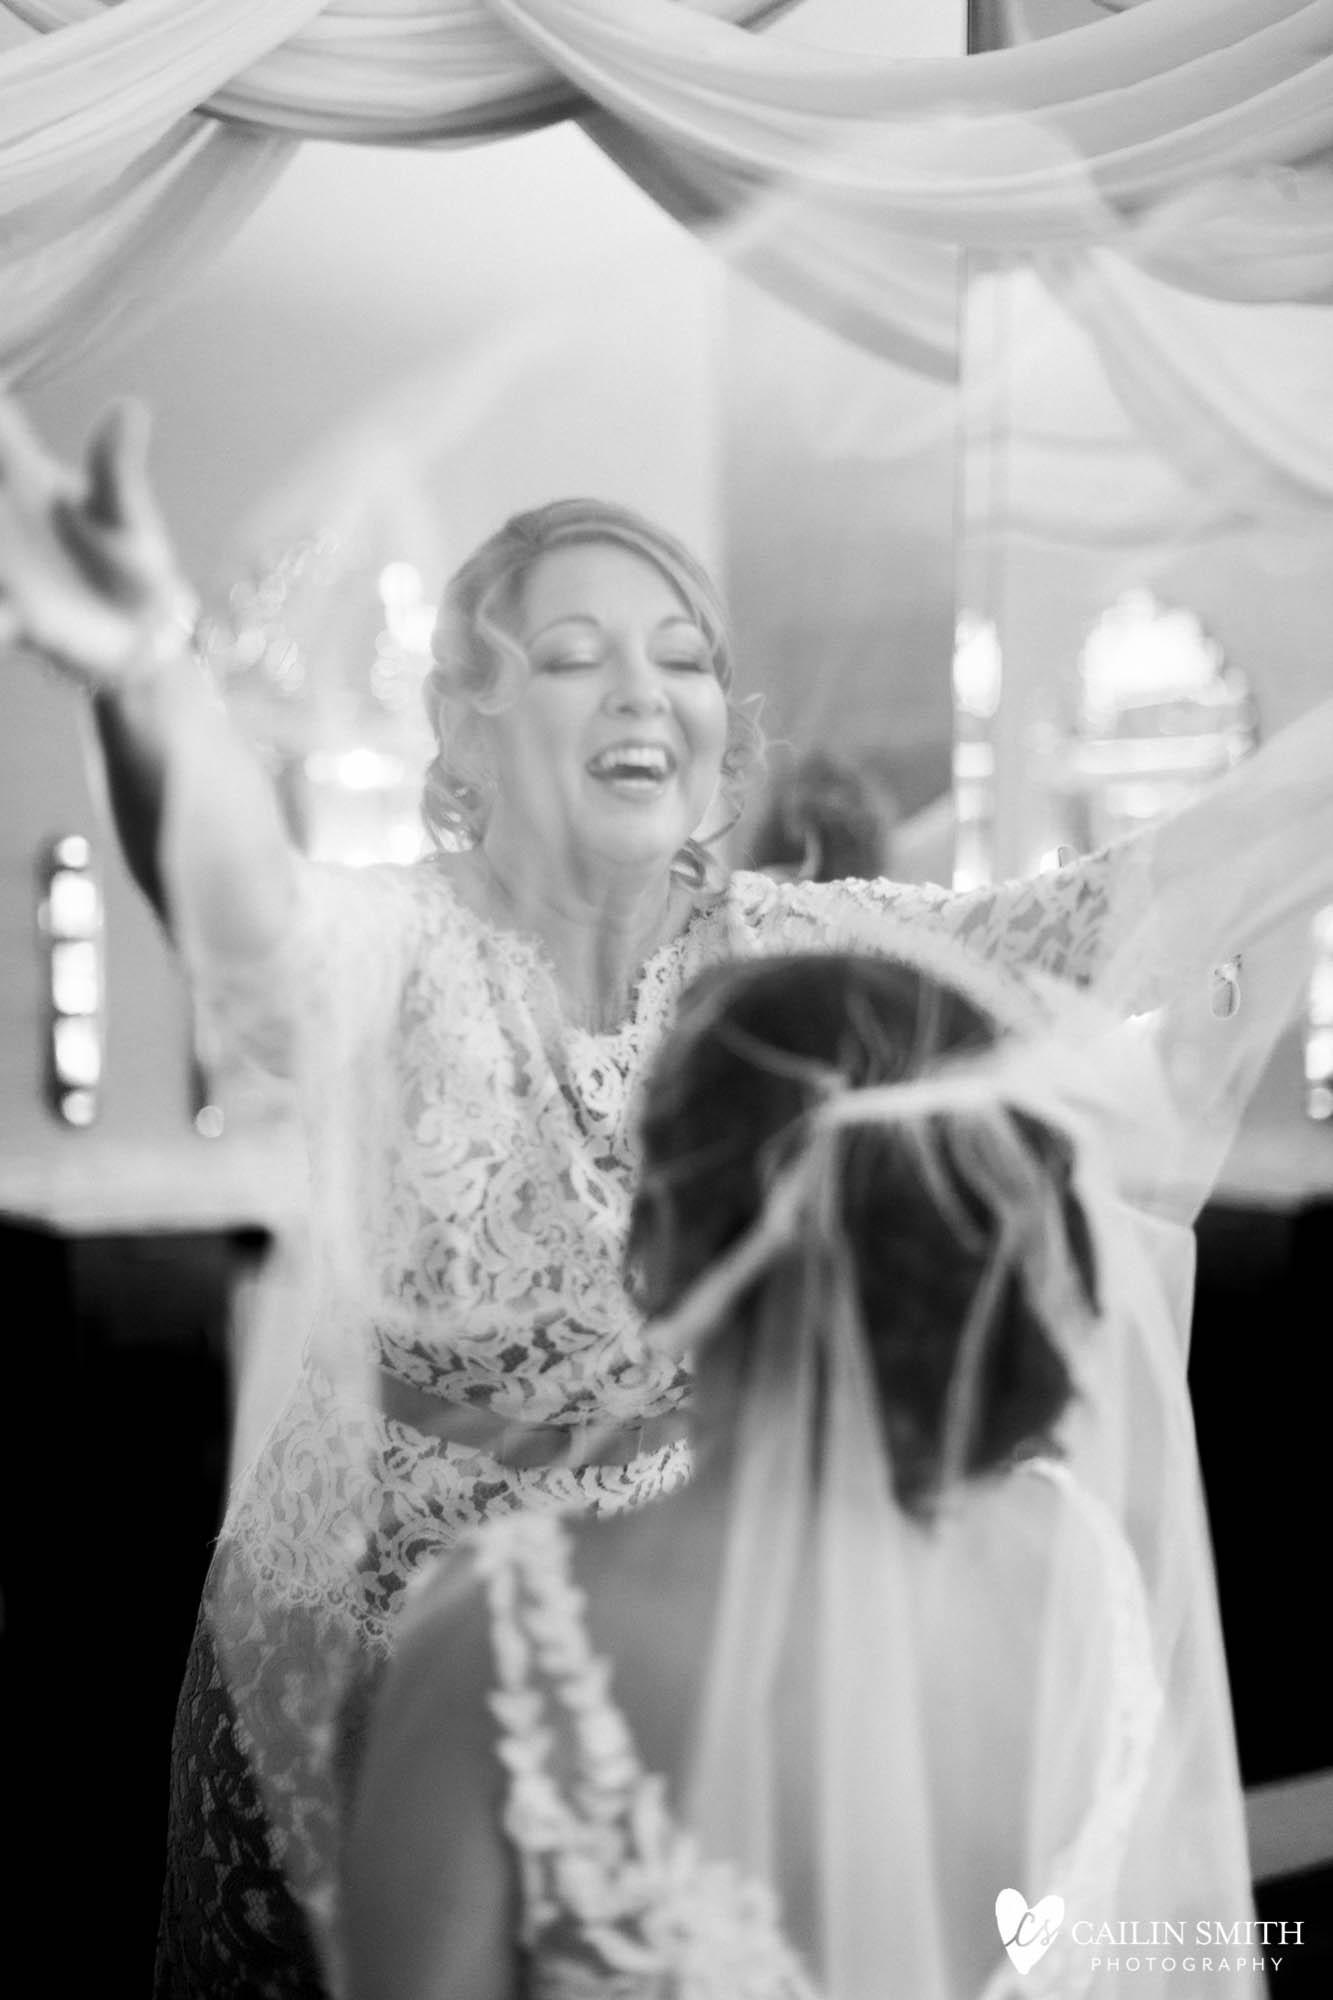 Bethany_Kyle_Bowing_Oaks_Plantation_Wedding_Photography_0014.jpg